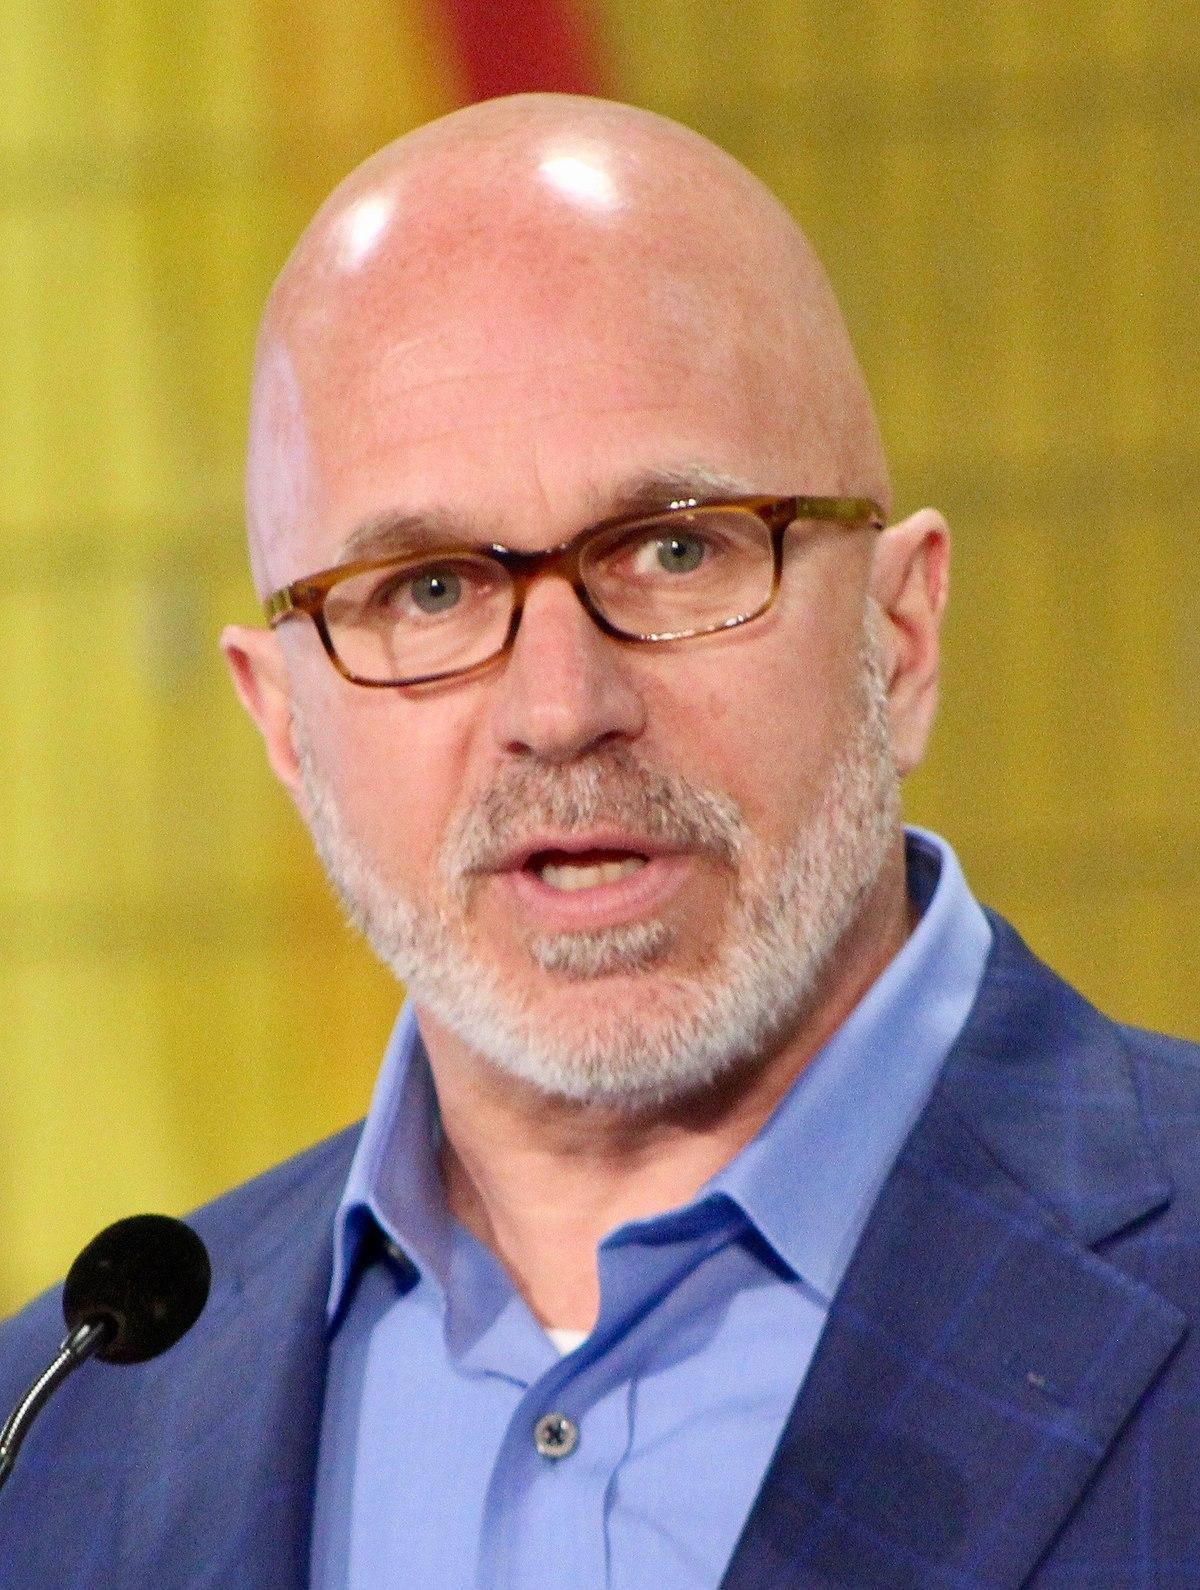 Michael Smerconish Wikipedia